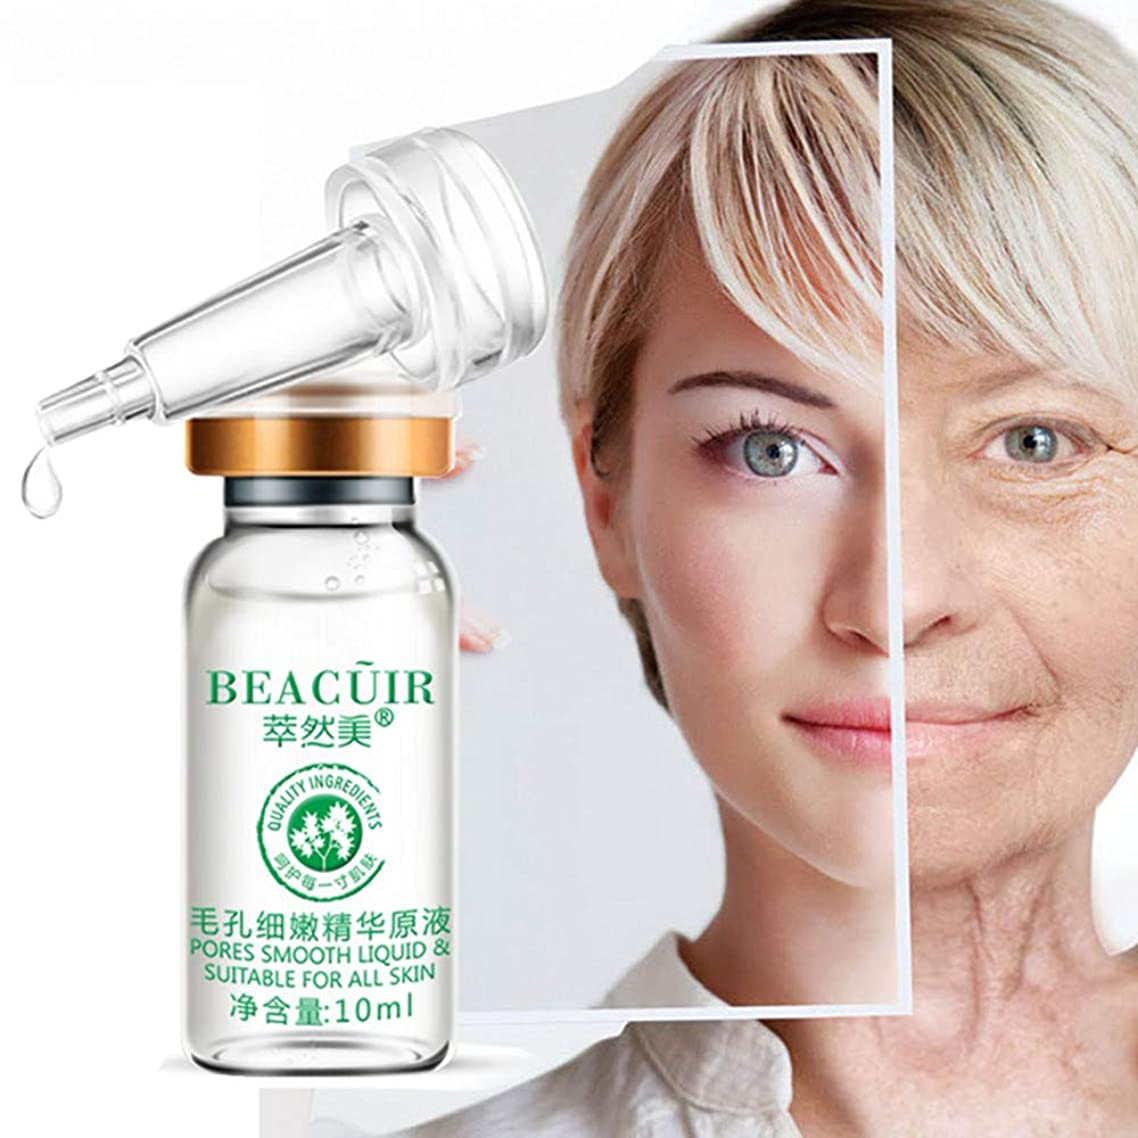 抵当名詞普及Akane BEACUIR 天然 水分 肌の明るさ 修復 美白 繊細 しわ取り 毛穴縮小 保湿 黒ずみ 角質除去 肌荒れ防止 くすんだ肌を改善し エッセンス 10ml